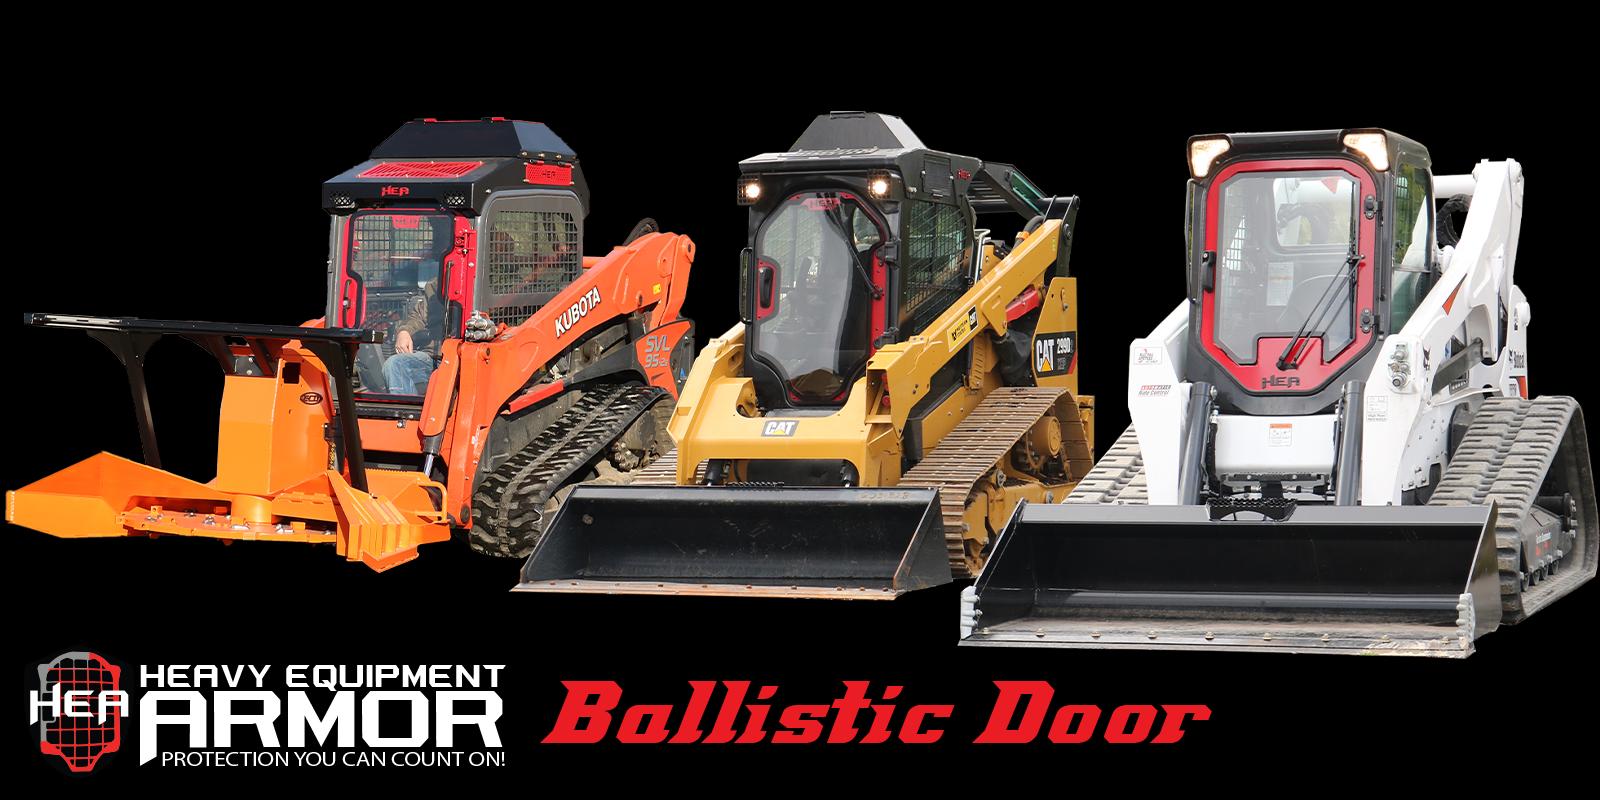 Skid Steer Ballistic Door